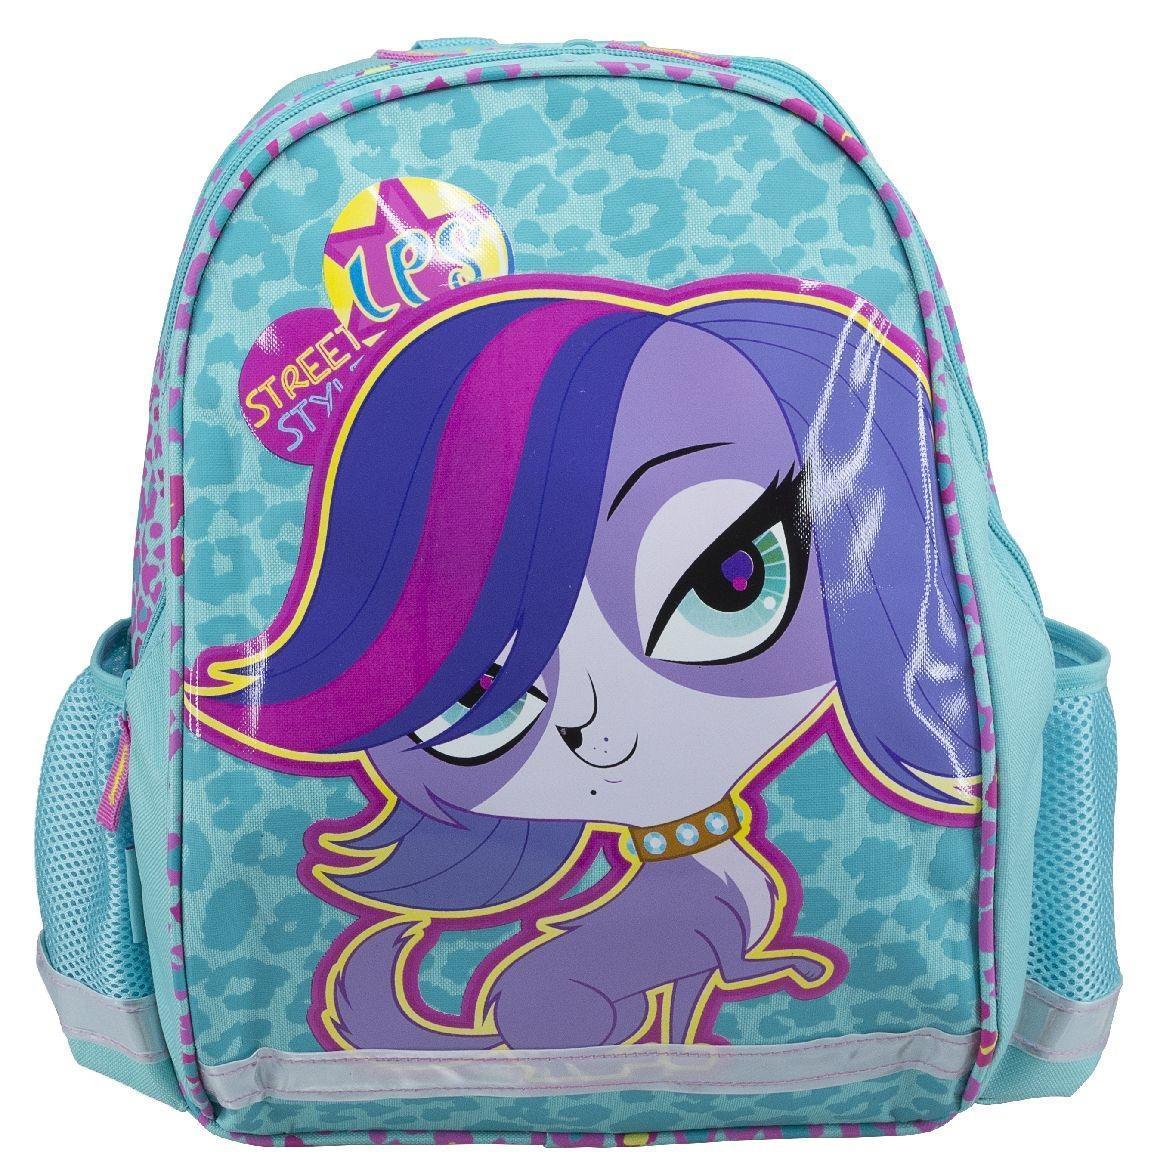 Рюкзак школьный Littlest Pet Shop, цвет: бирюзовый, розовый, фиолетовый. LPCB-MT1-977LPCB-MT1-977Модный школьный рюкзак Littlest Pet Shop обязательно понравится вашей школьнице. Выполнен из прочных и высококачественных материалов, дополнен изображением героя из известного мультфильма Маленький зоомагазин.Содержит два вместительных отделения, закрывающиеся на застежки-молнии. В большом отделении находится перегородка для тетрадей или учебников. Дно рюкзака можно сделать жестким, разложив специальную панель с пластиковой вставкой, что повышает сохранность содержимого рюкзака и способствует правильному распределению нагрузки. По бокам расположены два накладных кармана-сетка. Конструкция спинки дополненапротивоскользящей сеточкой и системой вентиляции для предотвращения запотевания спины ребенка. Мягкие широкие лямки позволяют легко и быстро отрегулировать рюкзак в соответствии с ростом. Рюкзак оснащен эргономичной ручкой для удобной переноски в руке. Светоотражающие элементы обеспечивают безопасность в темное время суток.Многофункциональный школьный рюкзак станет незаменимым спутником вашего ребенка в походах за знаниями.Вес рюкзака без наполнения: 500 г.Рекомендуемый возраст: от 12 лет.